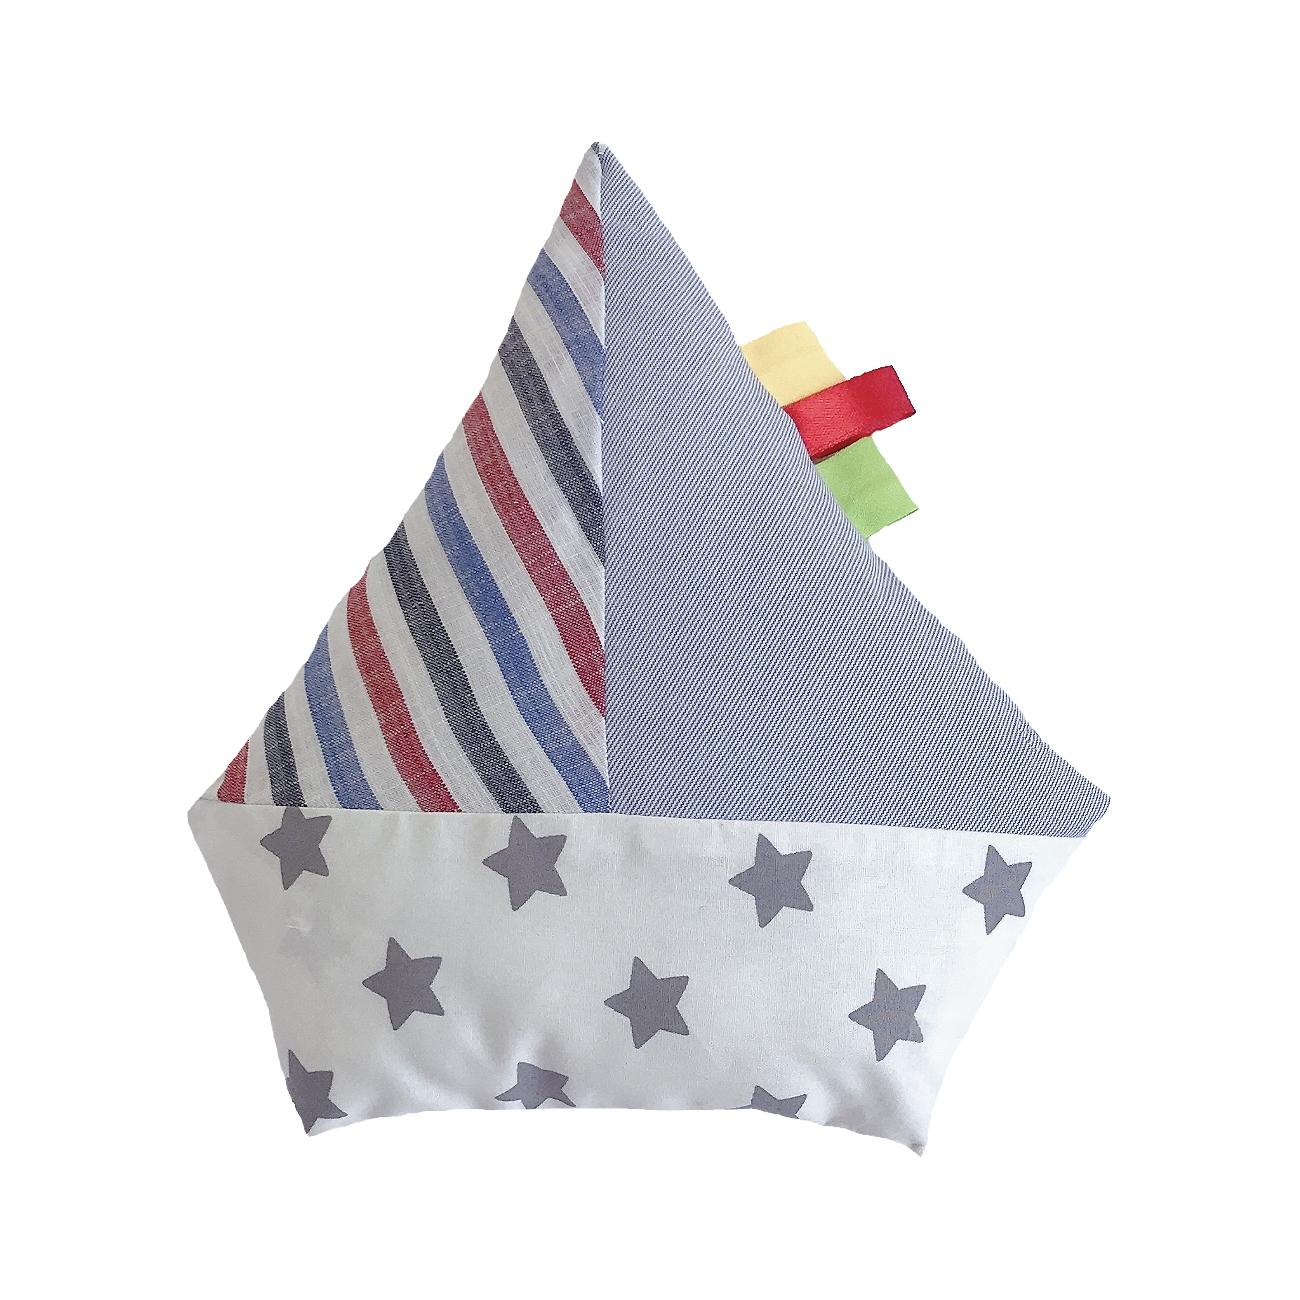 محافظ تخت کودک طرح قایق کد 01